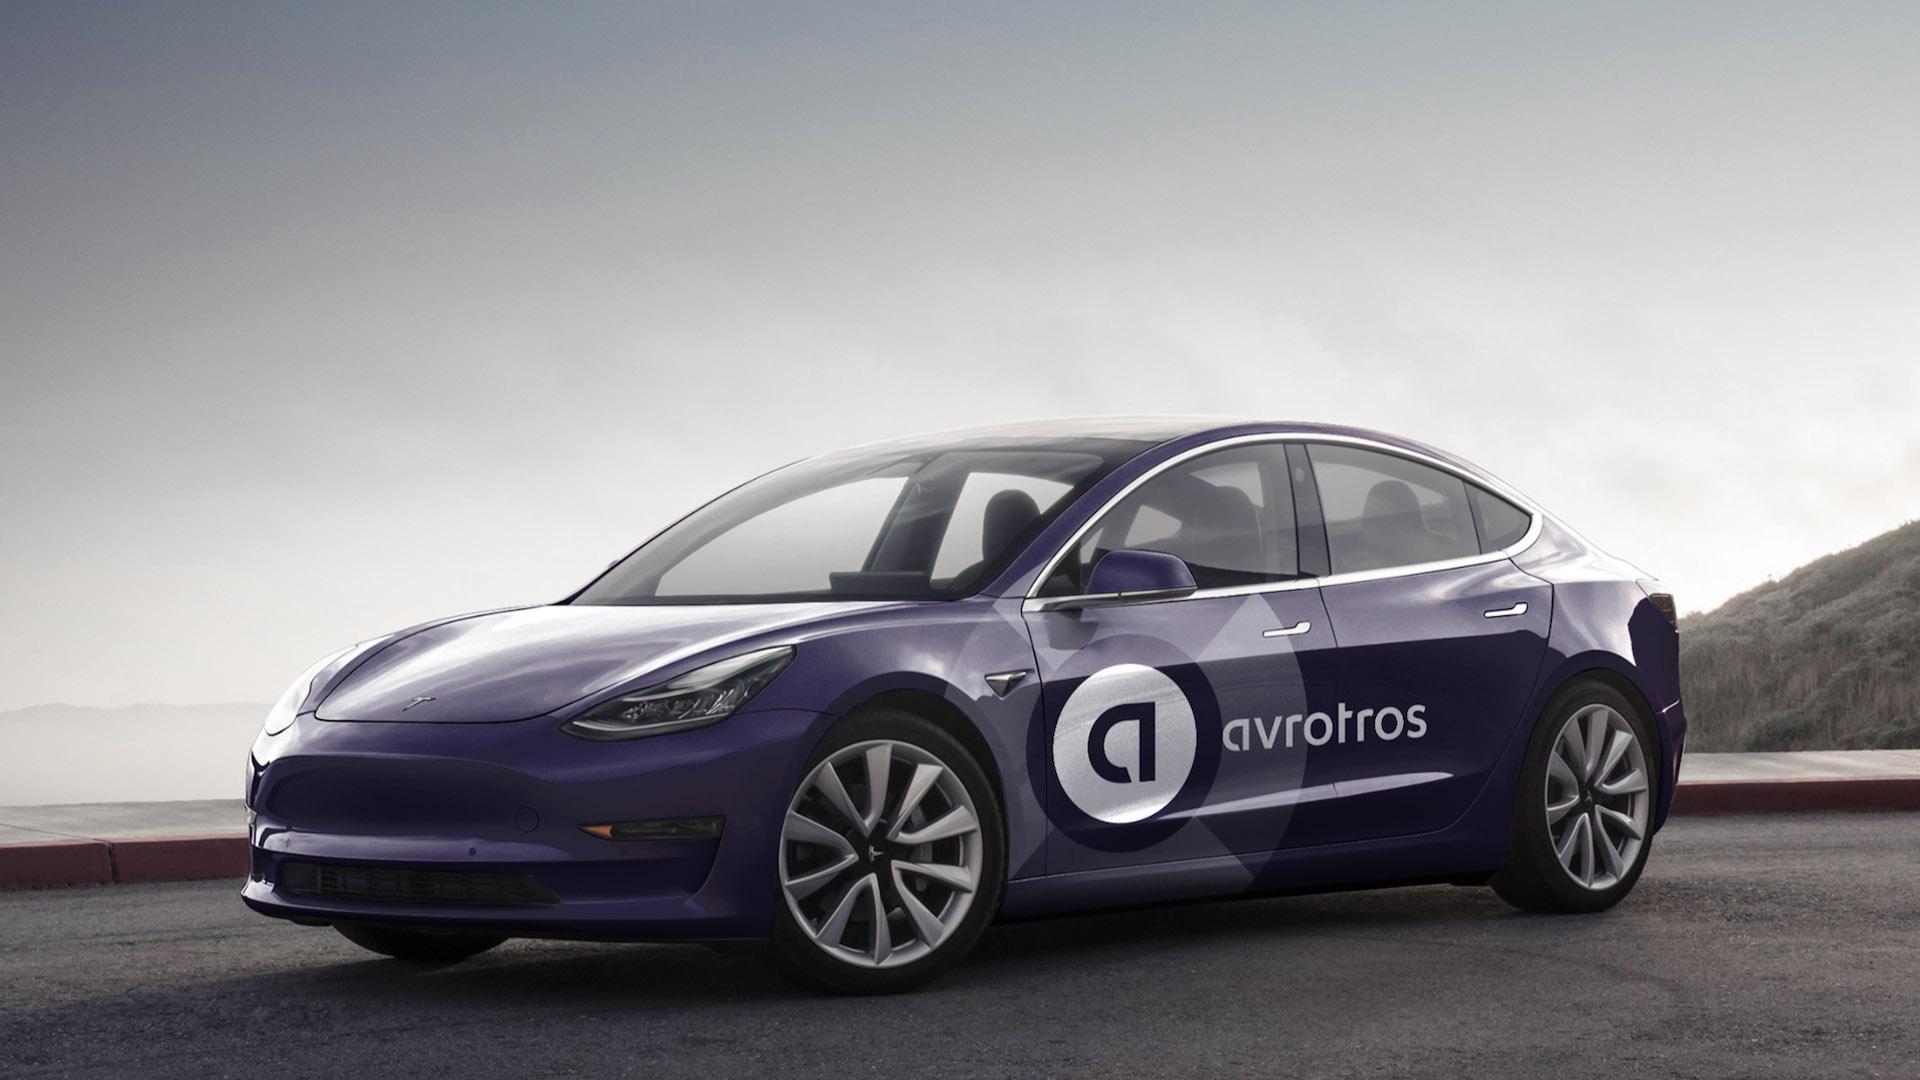 avrotros car auto branding logo